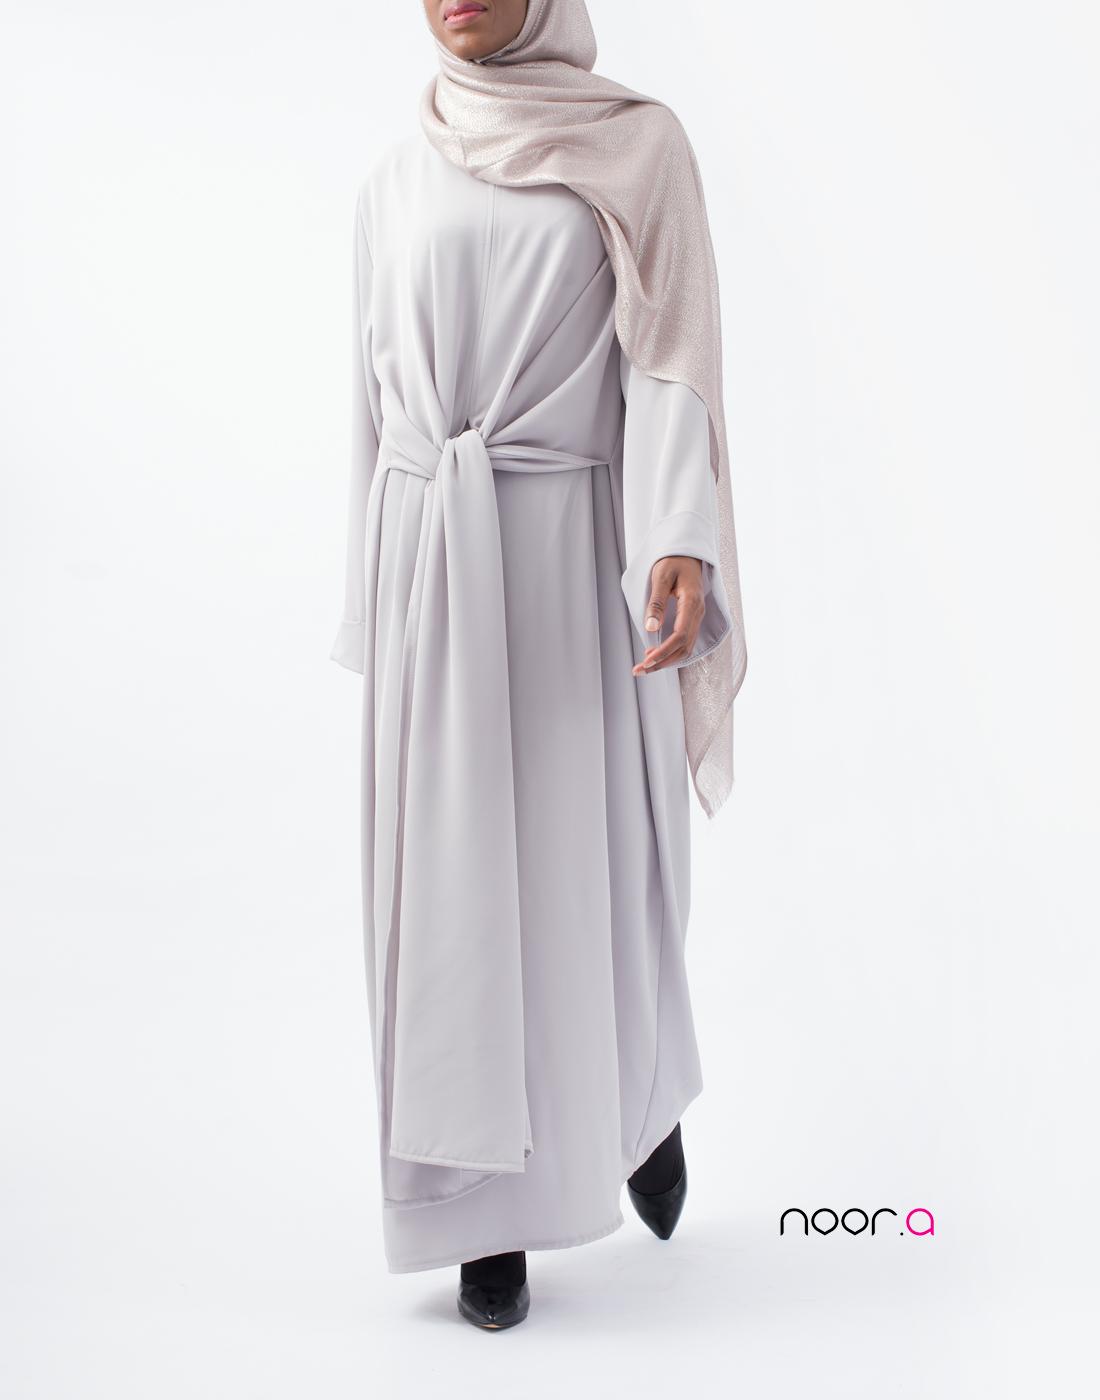 noor-a-robegrise1